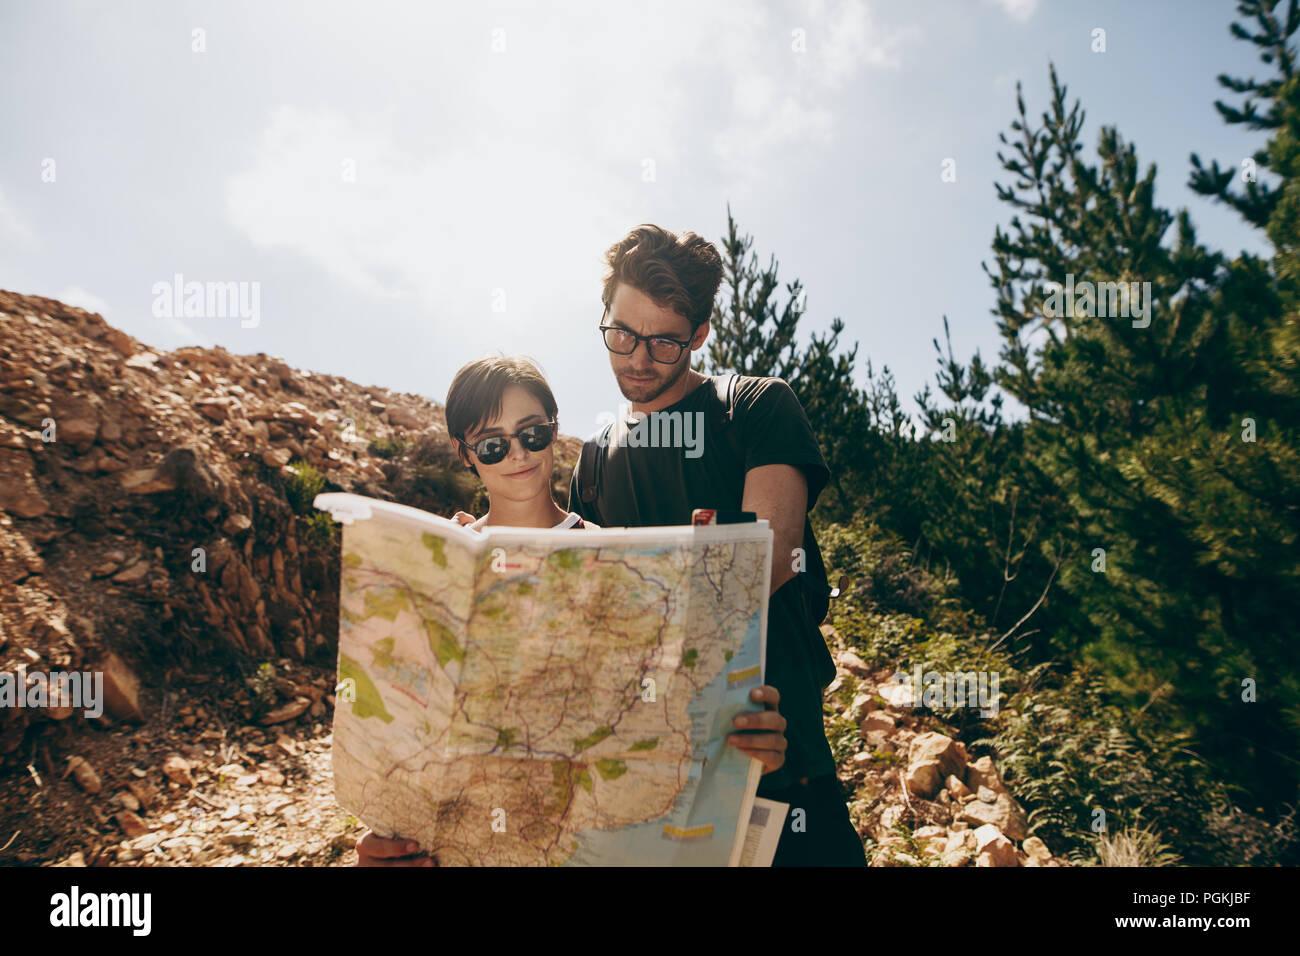 Mann und Frau mit einem Navigation Karte beim Wandern im Wald. Touristische Paar mit Hilfe einer Karte, um die Route zu Ihrem Ziel zu finden. Stockbild